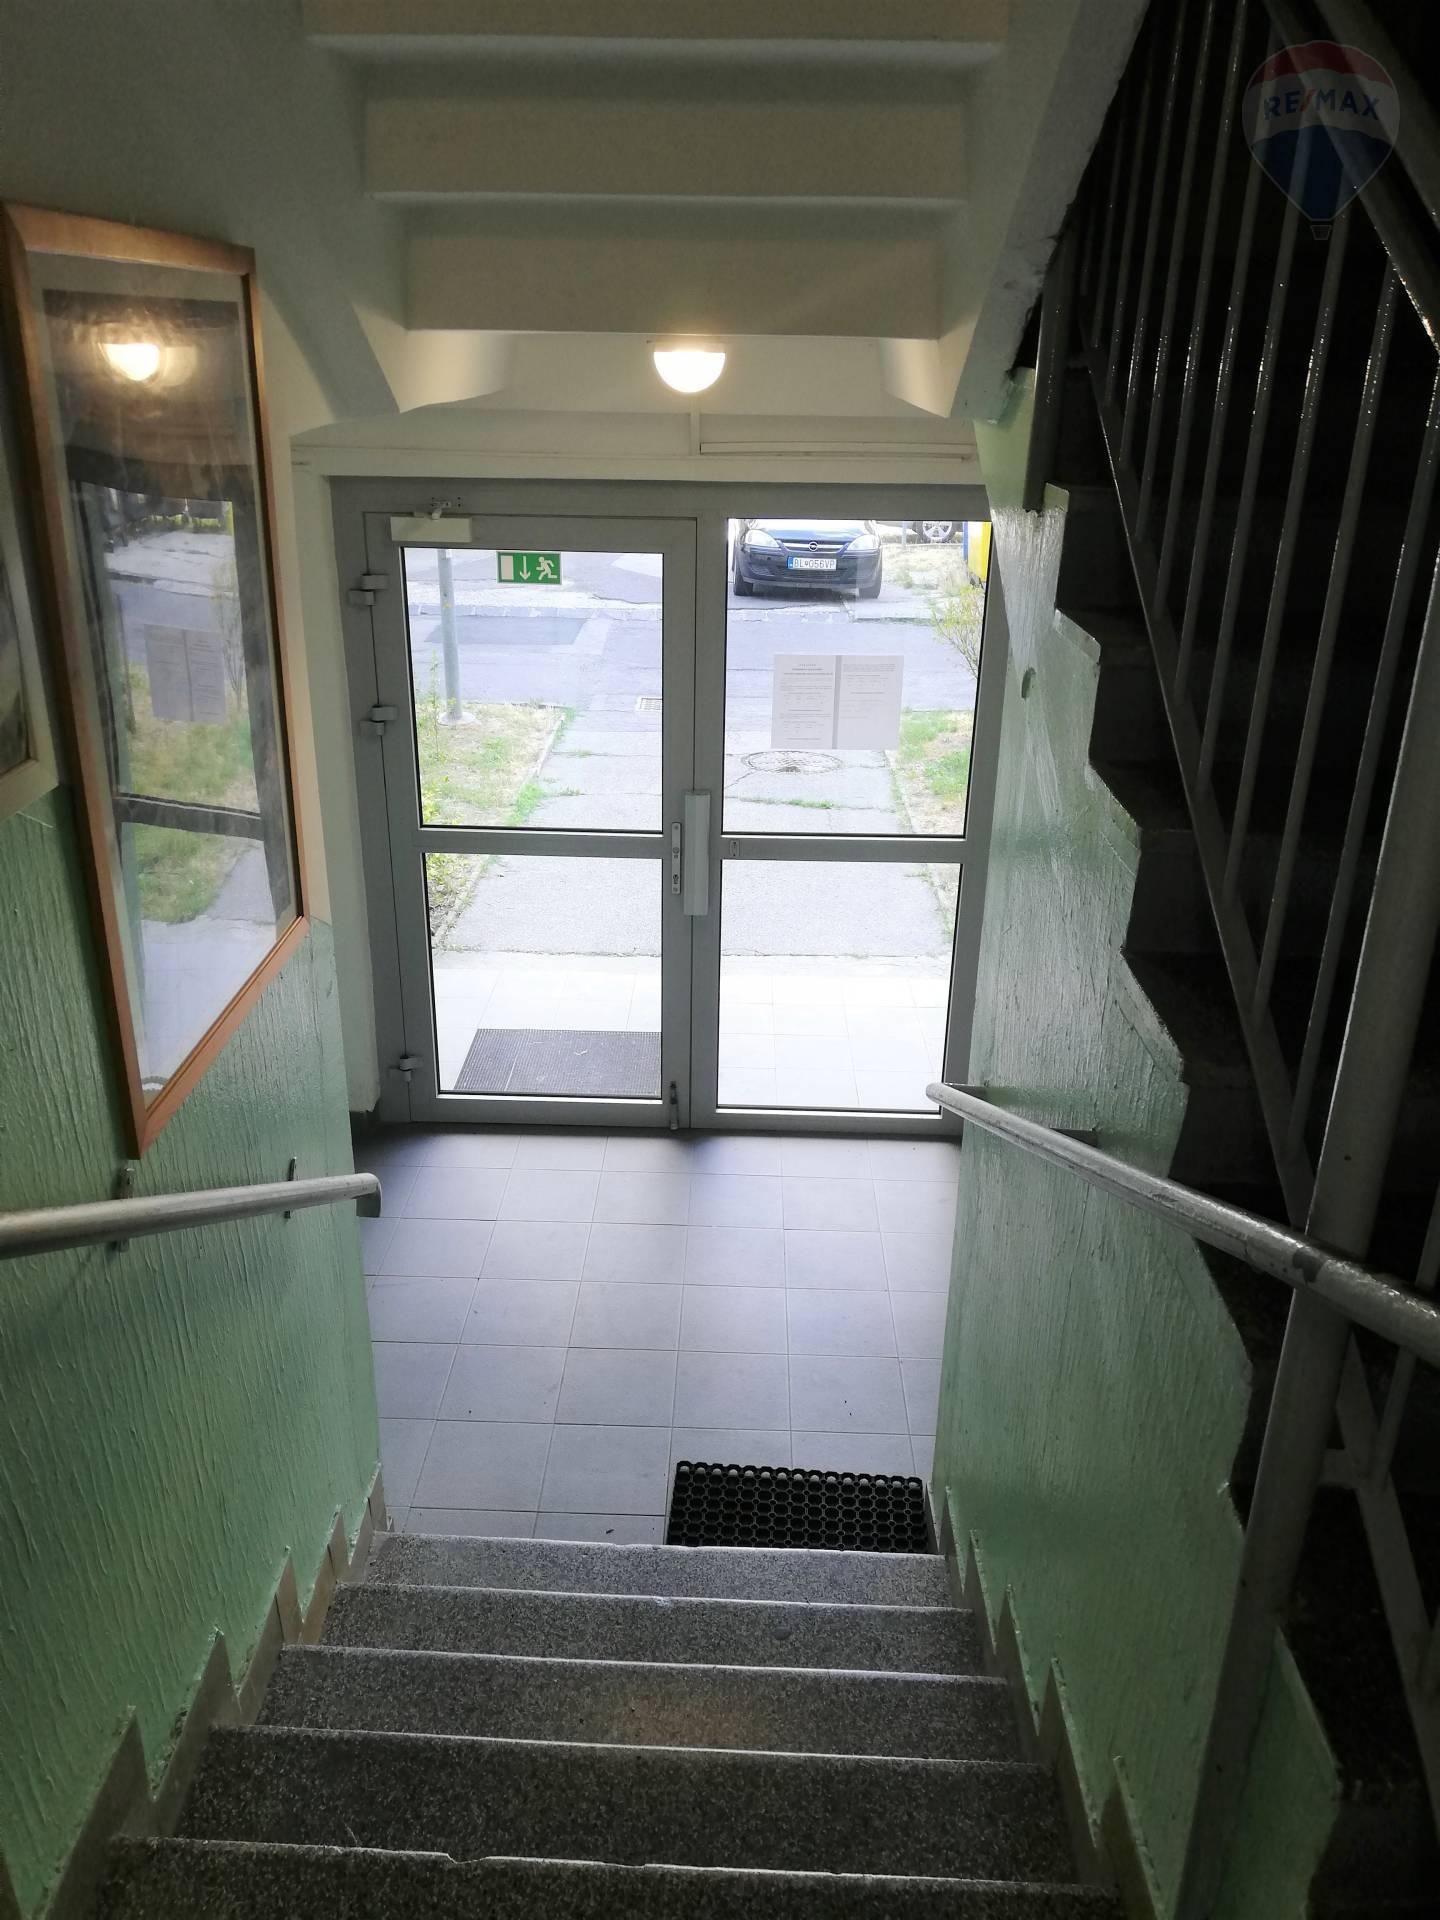 Predaj bytu (3 izbový) 75 m2, Bratislava - Ružinov - 3izbový byt